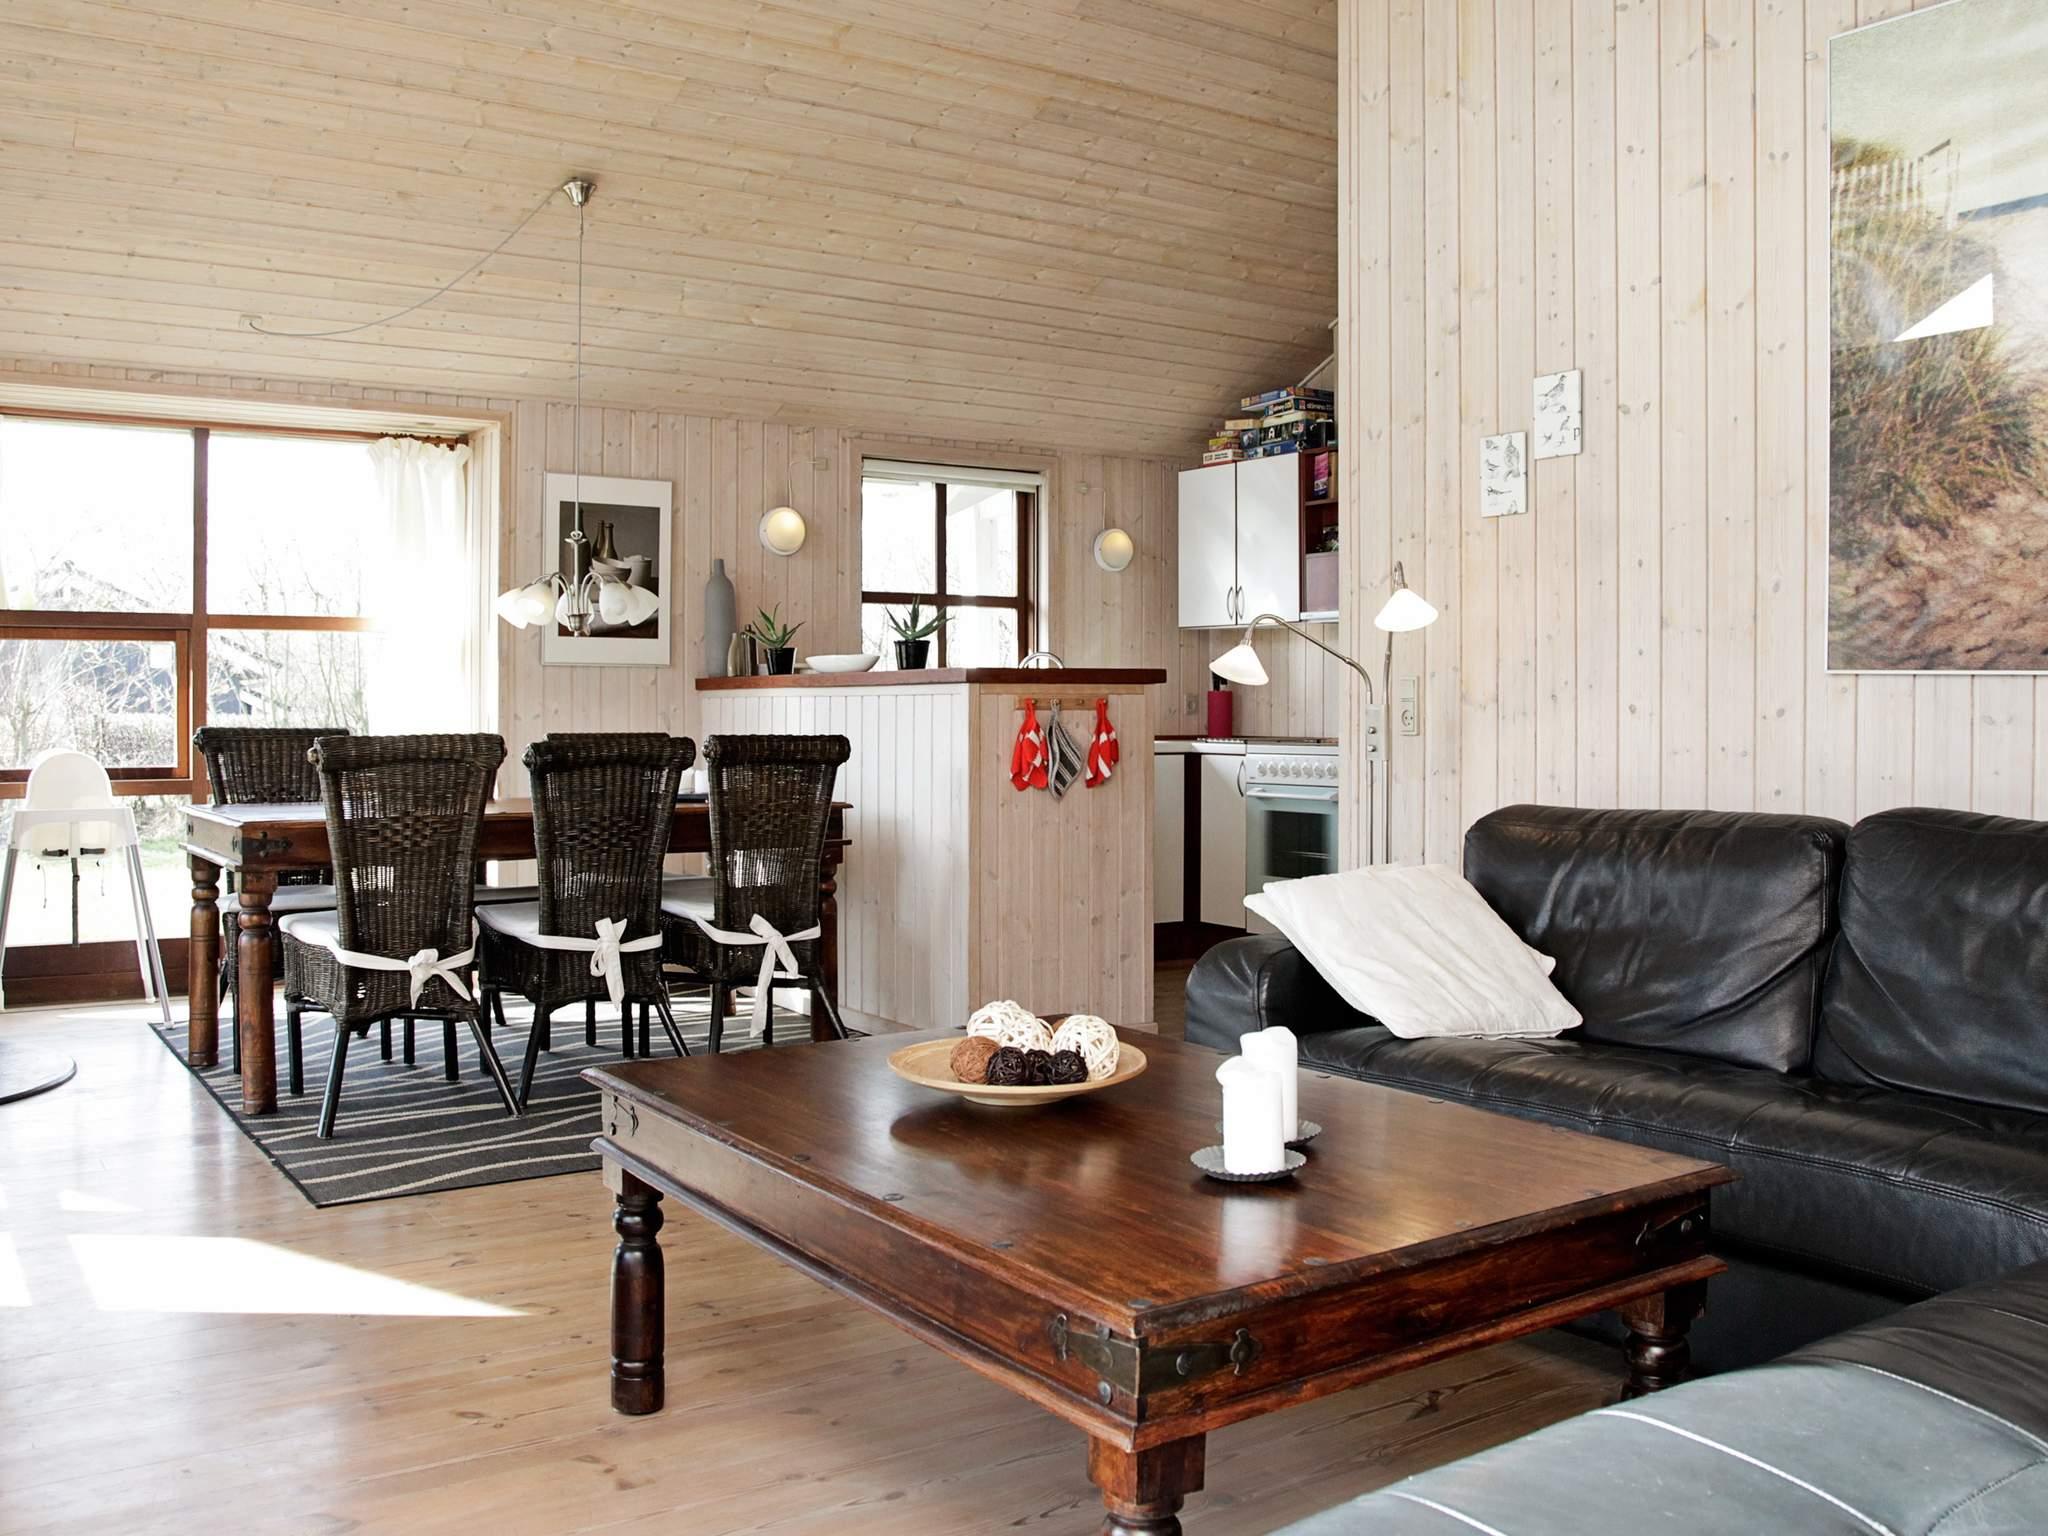 Ferienhaus Bork Havn (82464), Bork Havn, , Westjütland, Dänemark, Bild 4